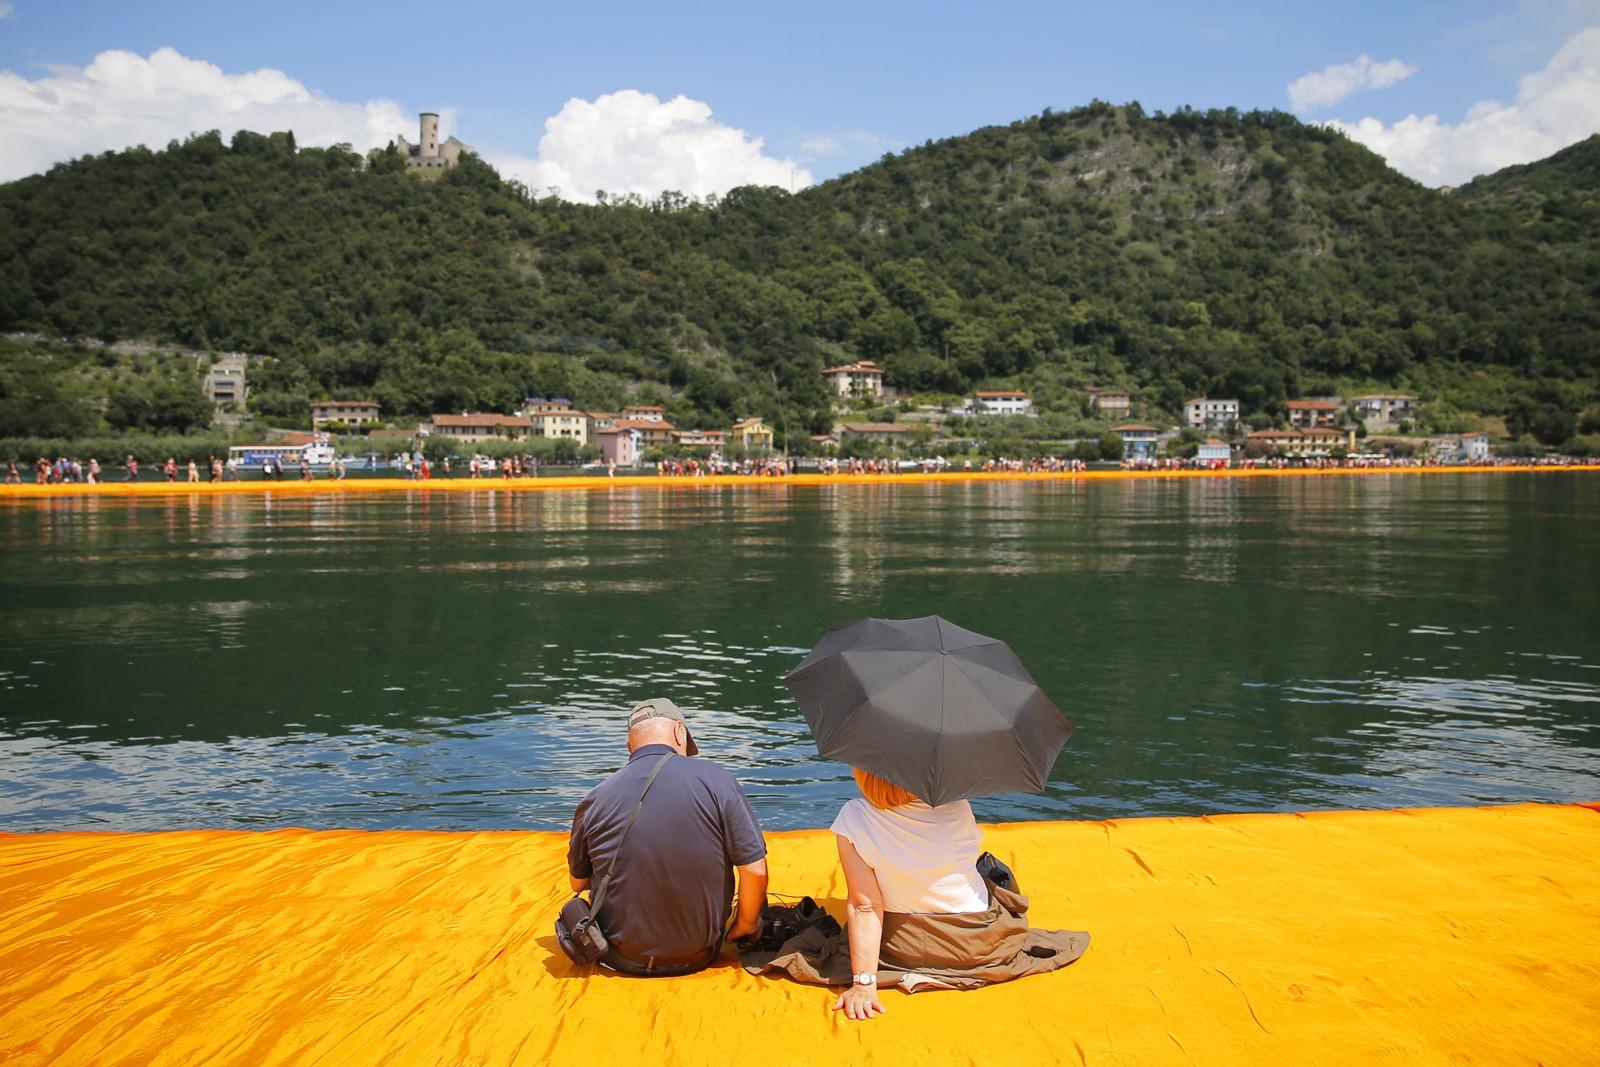 Et par nyter utsikten mot land fra «The Floating Piers». Mer enn 270.000 mennesker har besøkt installasjonen på de fem dagene siden åpningen.